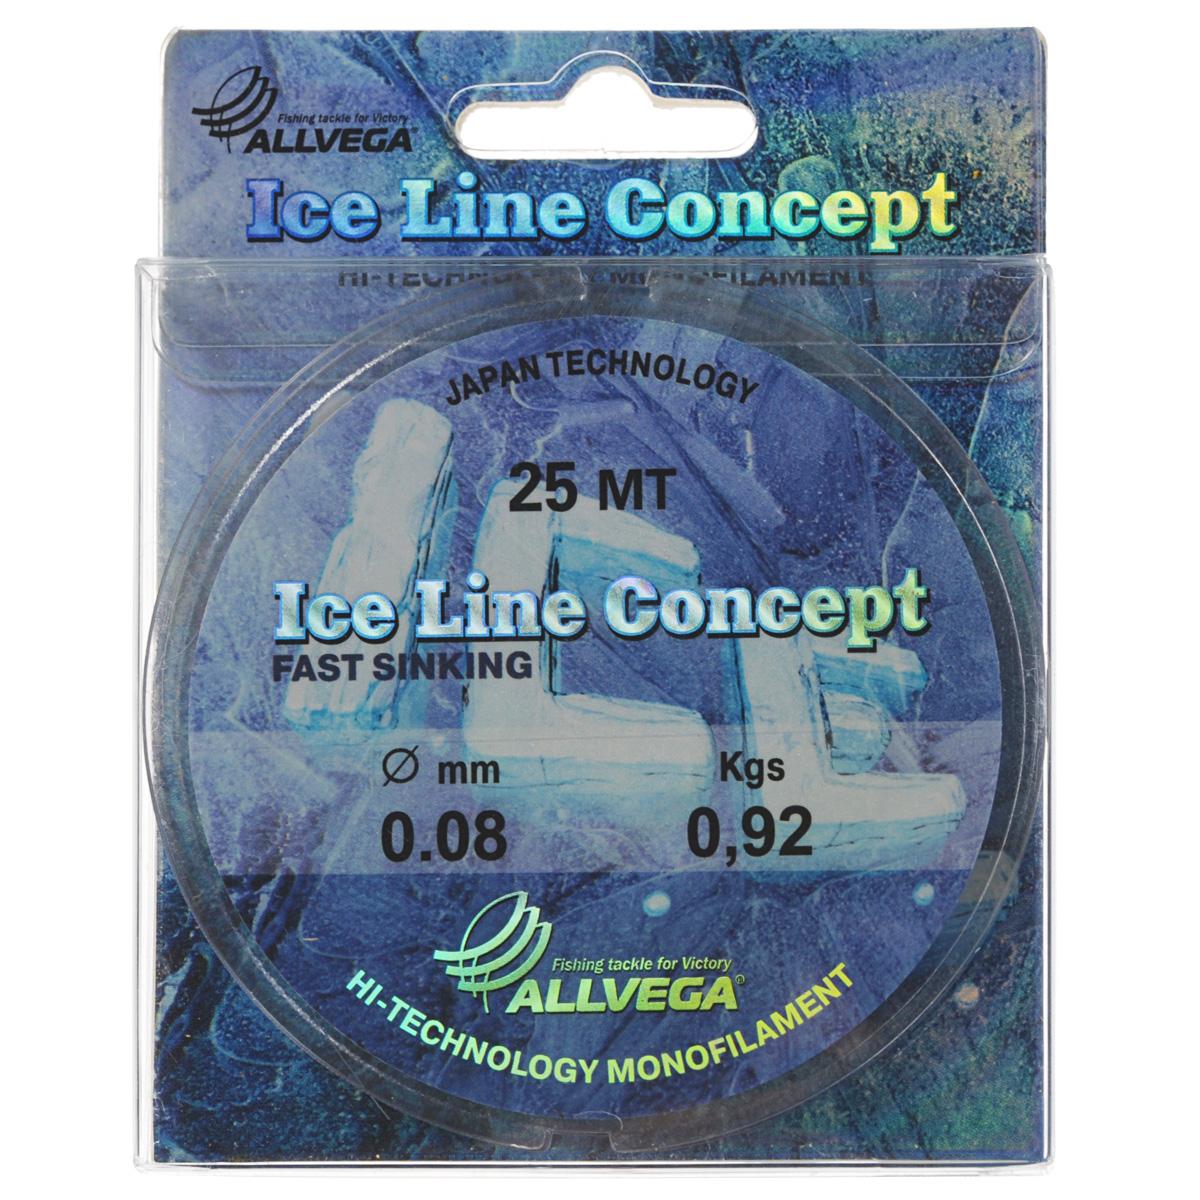 Леска Allvega Ice Line Concept, сечение 0,08 мм, длина 25 м39962Специальная зимняя леска Allvega Ice Line Concept для низких температур. Прозрачная и высокопрочная. Отсутствие механической памяти, позволяет с успехом использовать ее для ловли на мормышку.